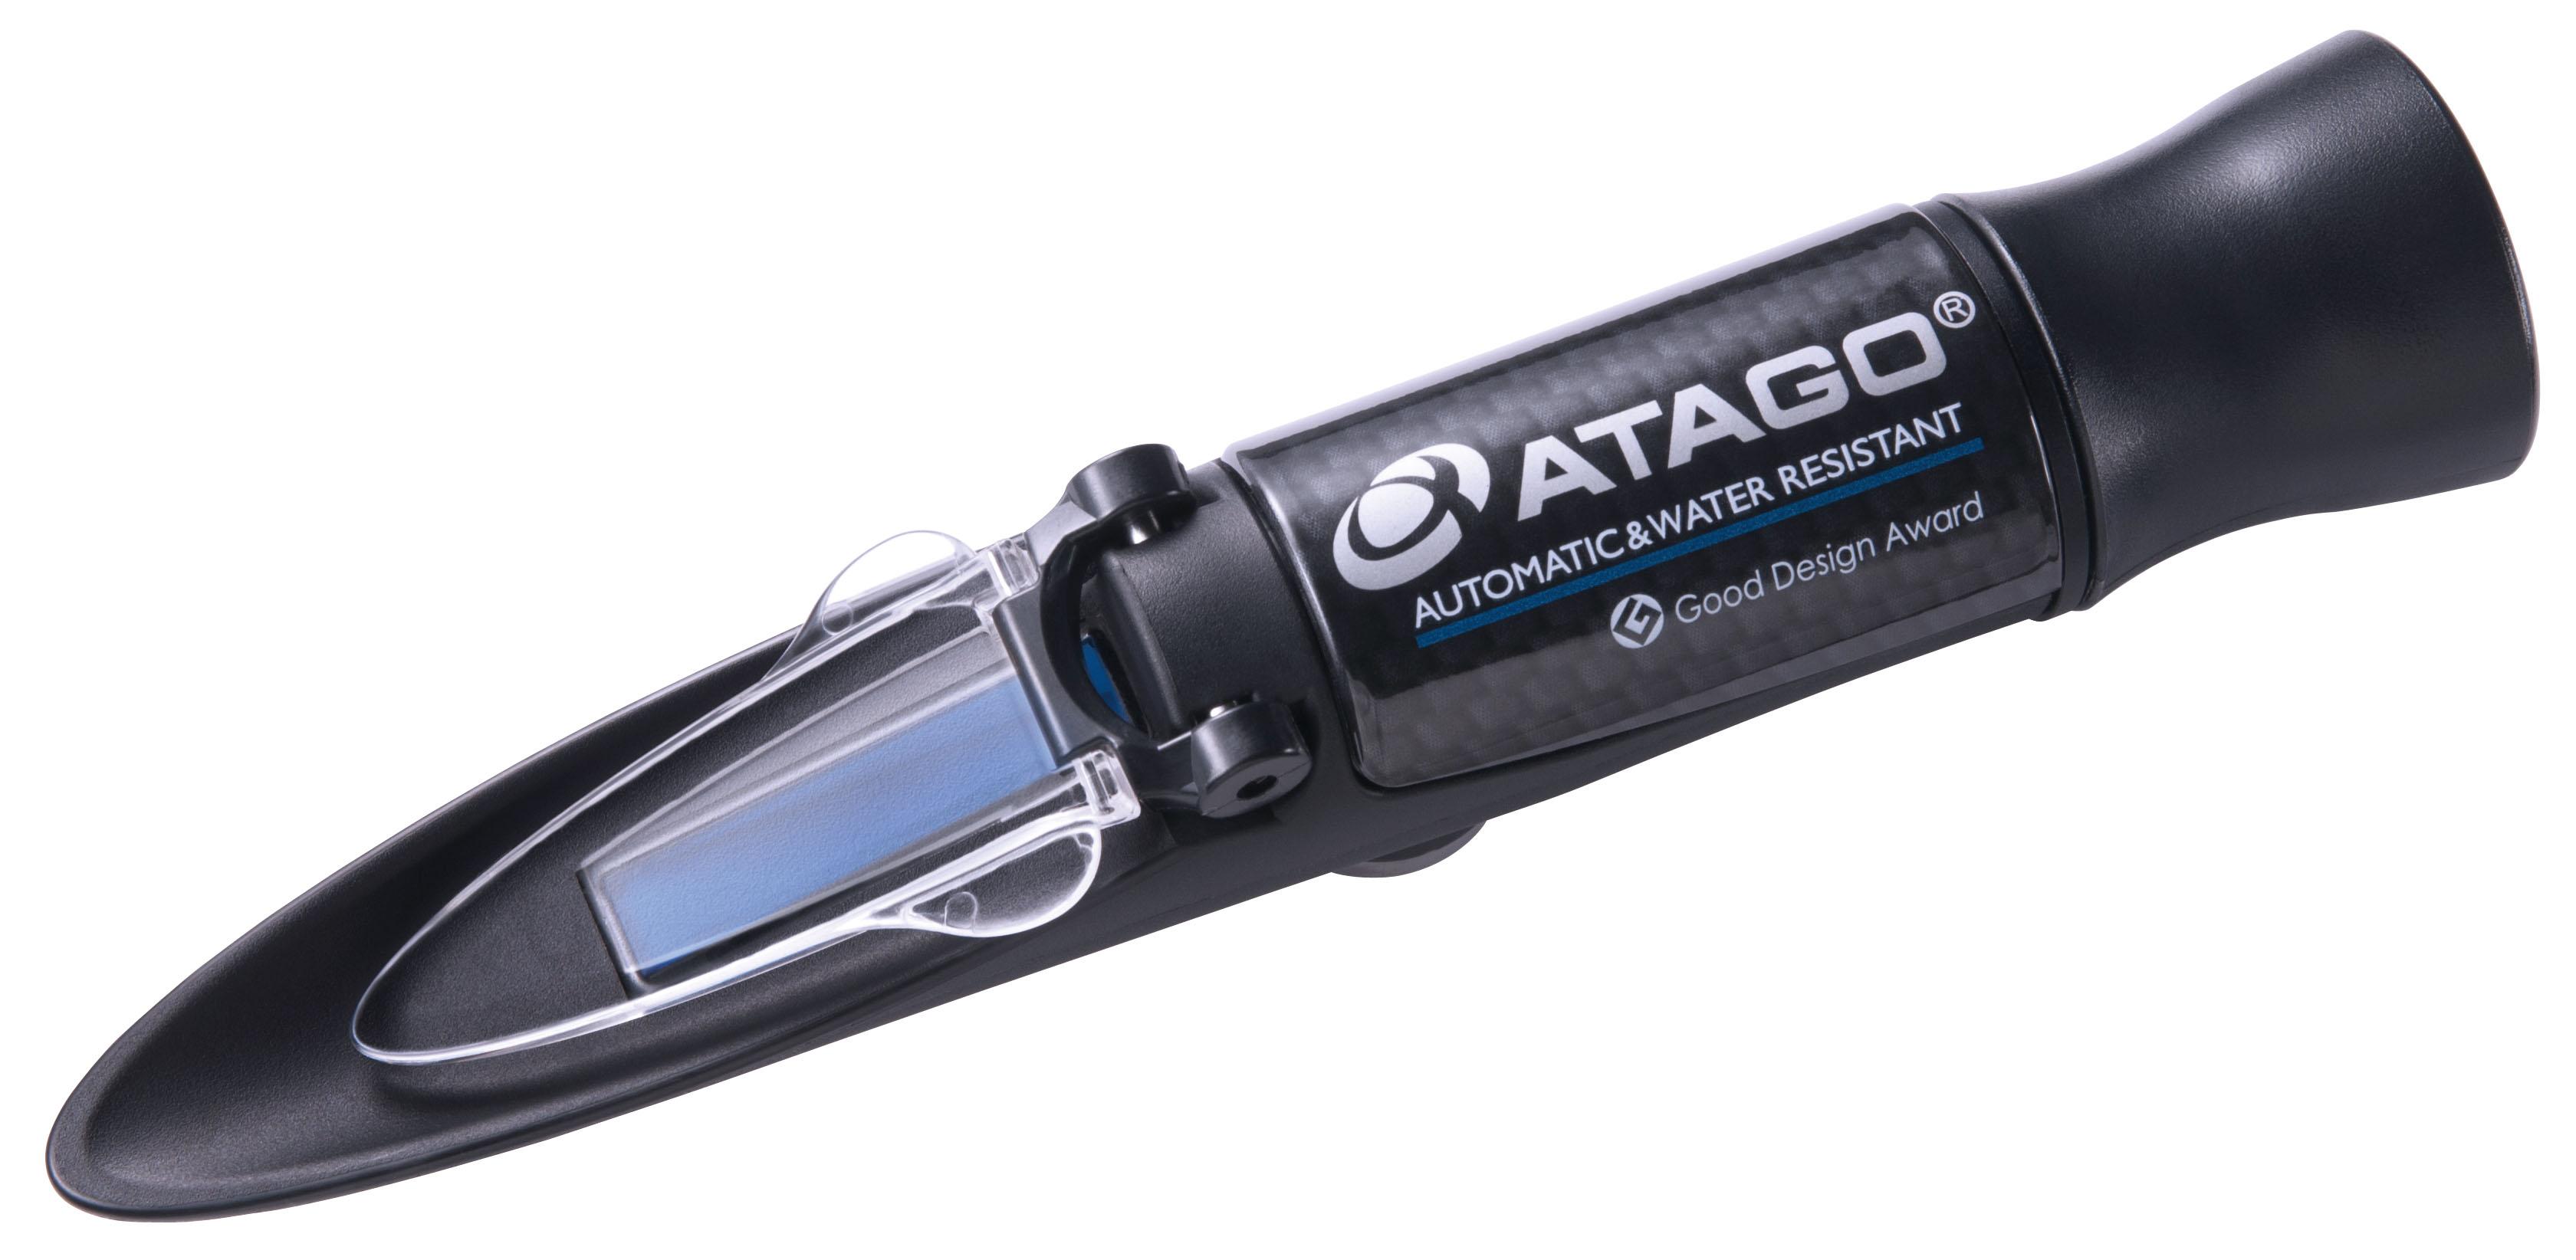 Khúc xạ kế đo độ ngọt Atago Master 53 alpha